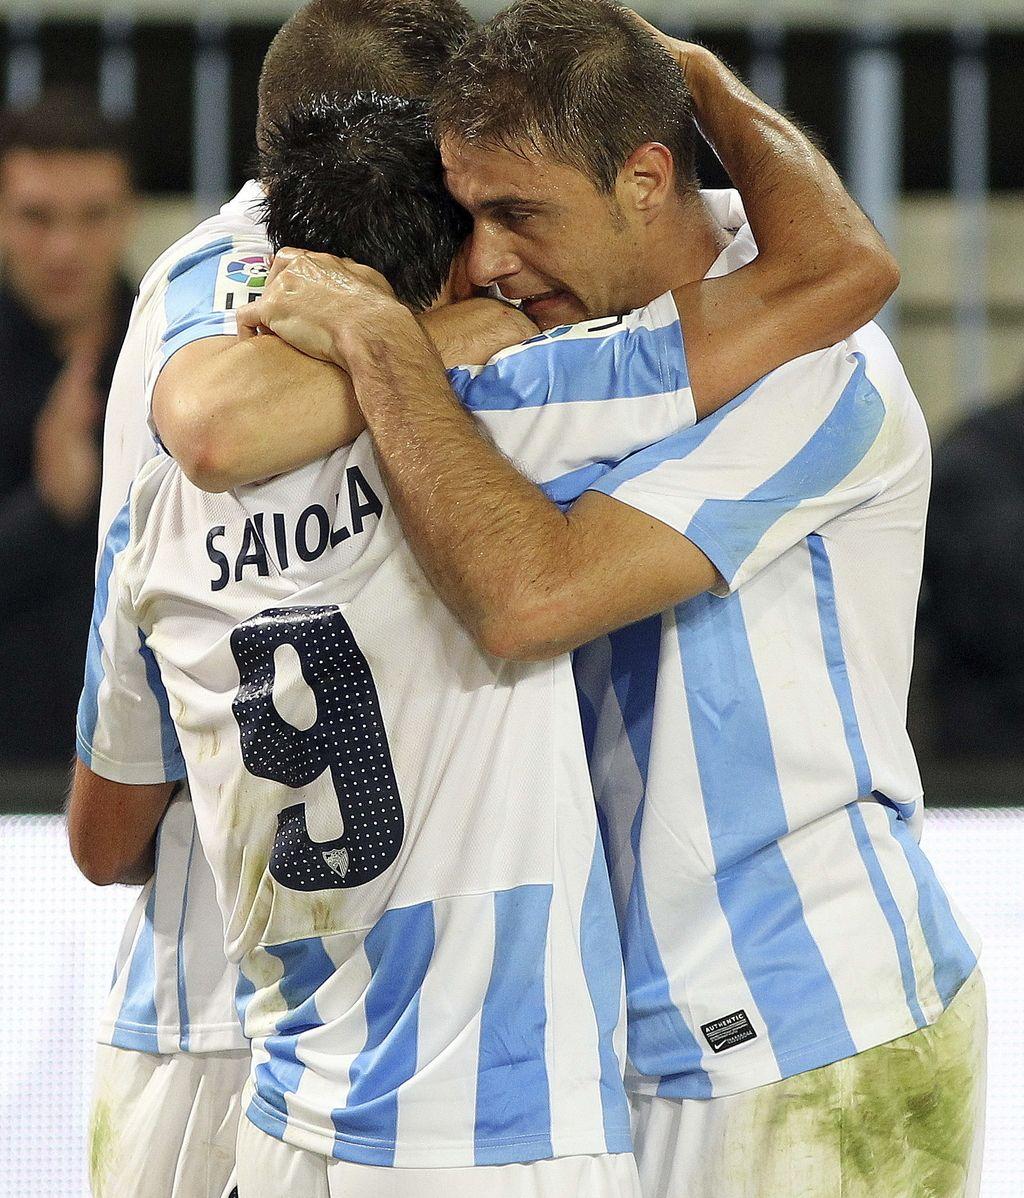 El delantero argentino del Málaga Javier Pedro Saviola (i) celebra con su compañero Joaquín Sánchez (d) el gol marcado ante el Valencia